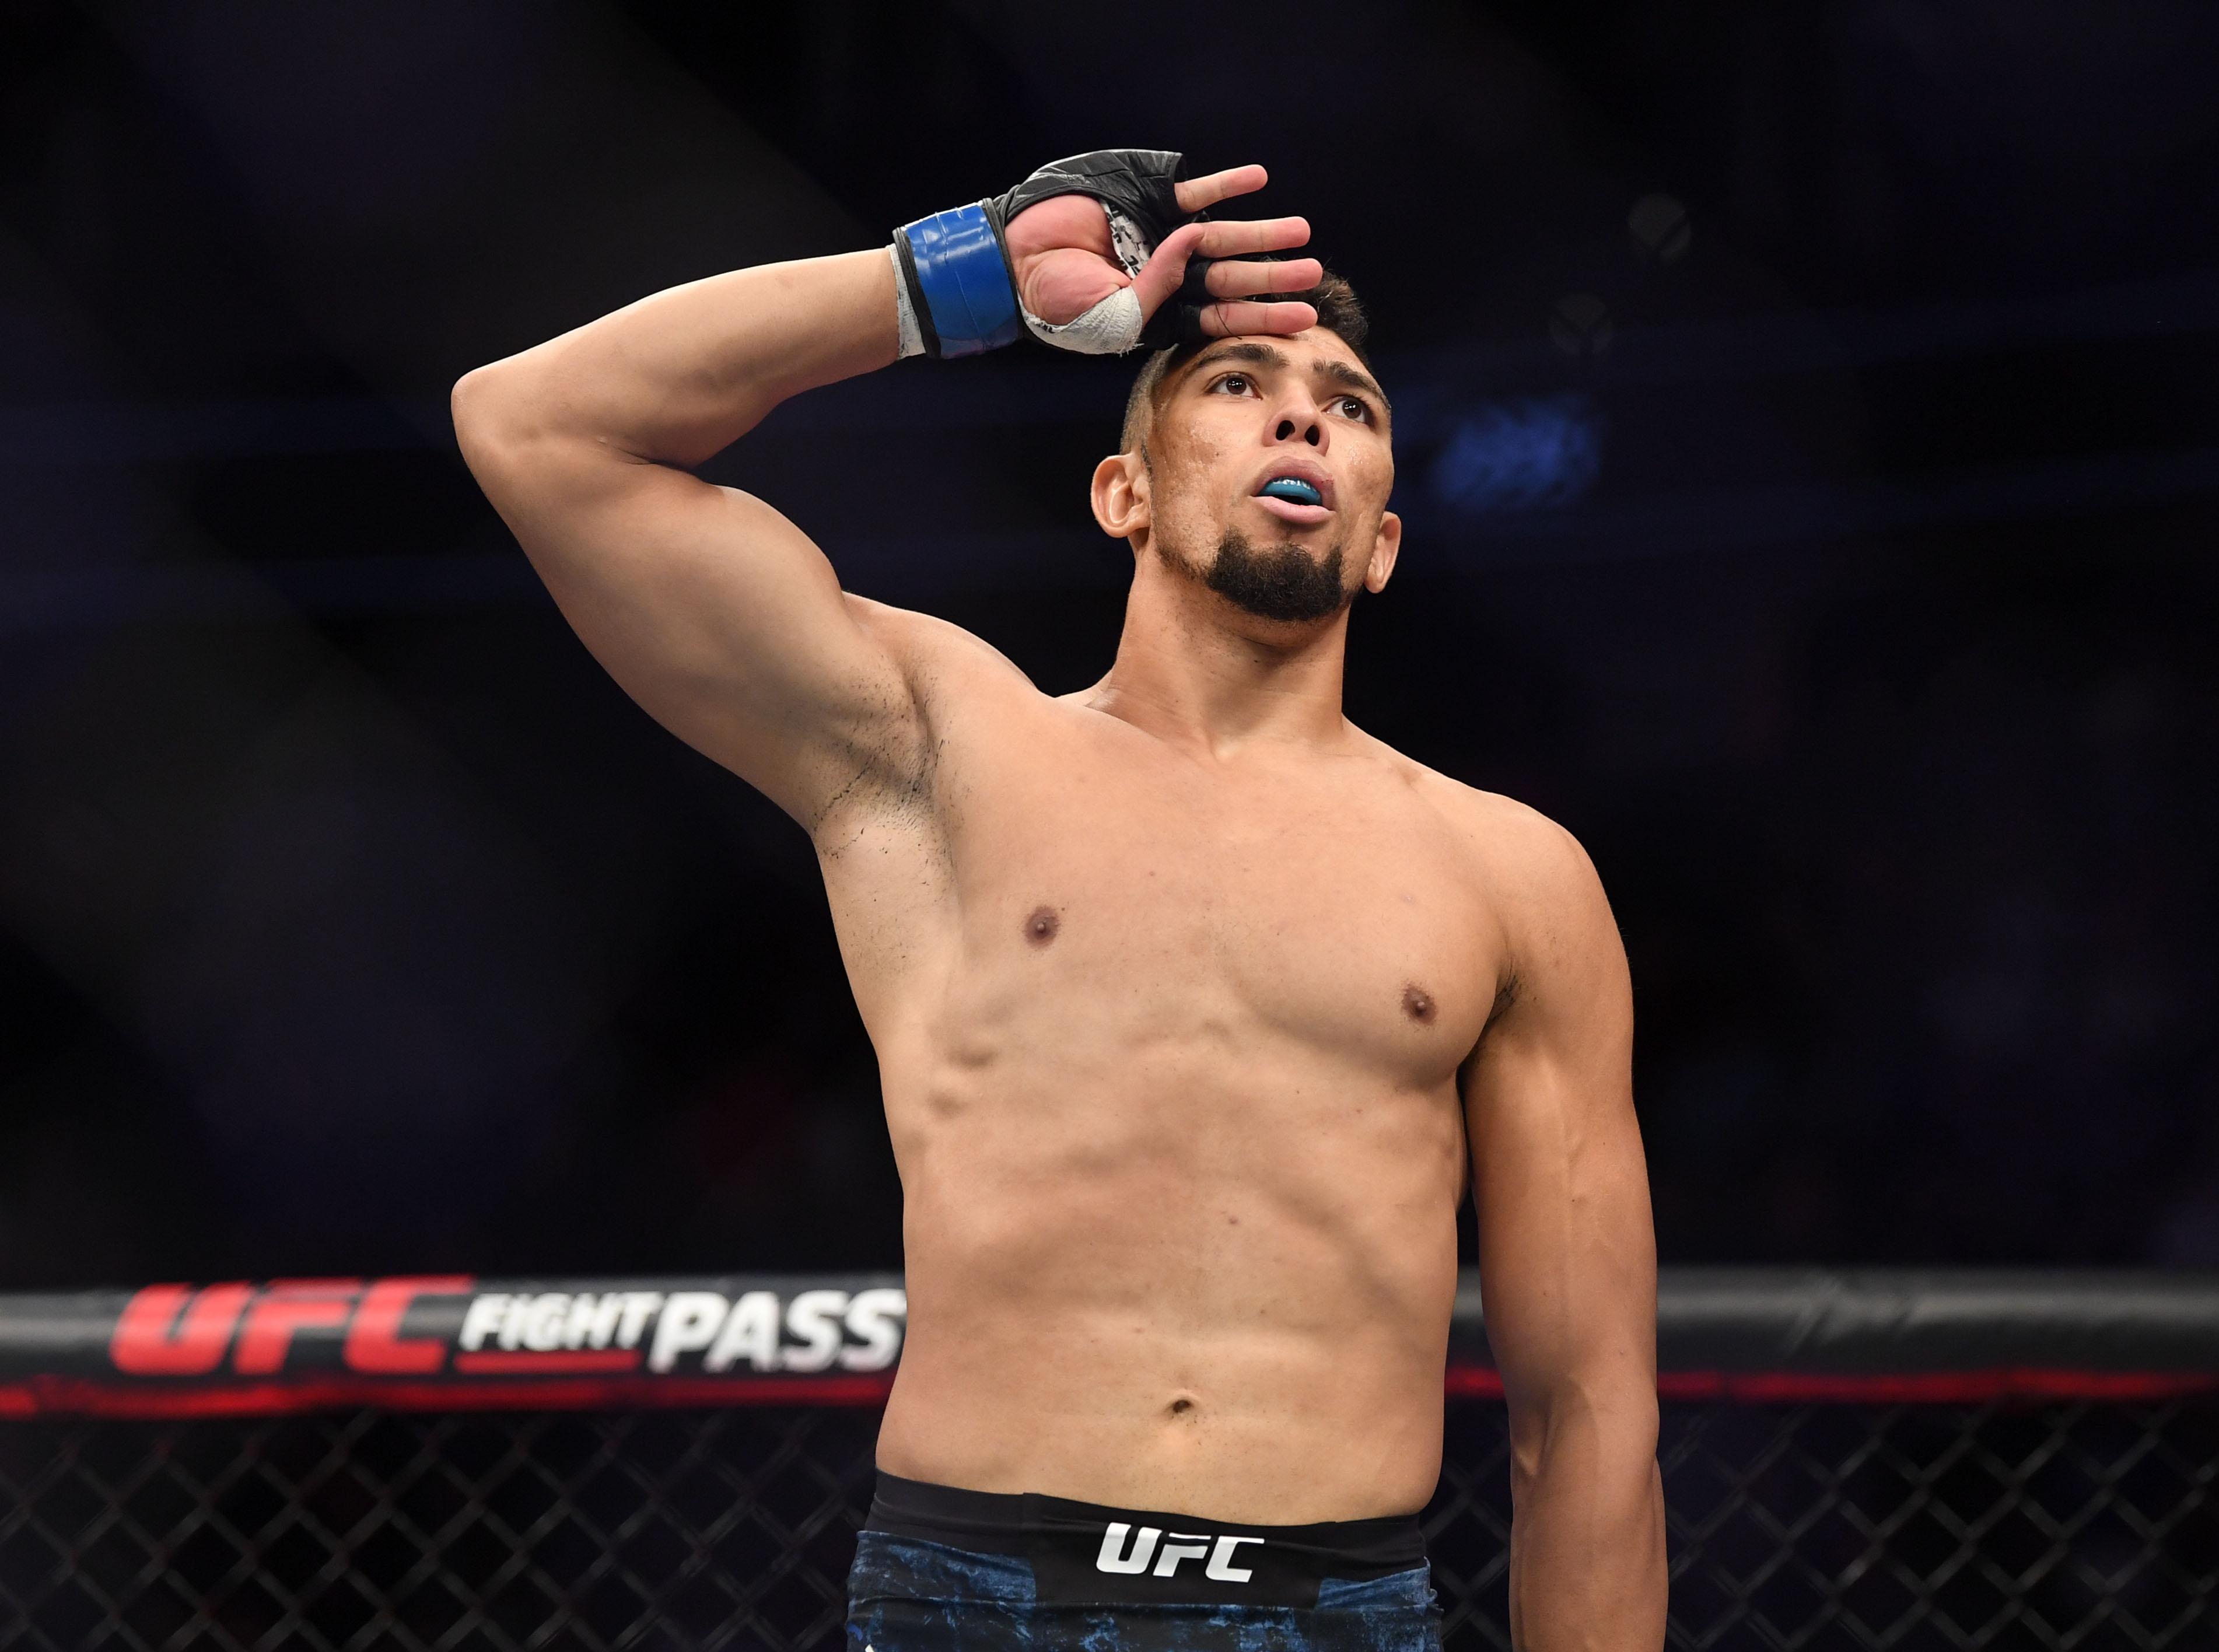 MMA: UFC 235-Cirkunov vs Walker